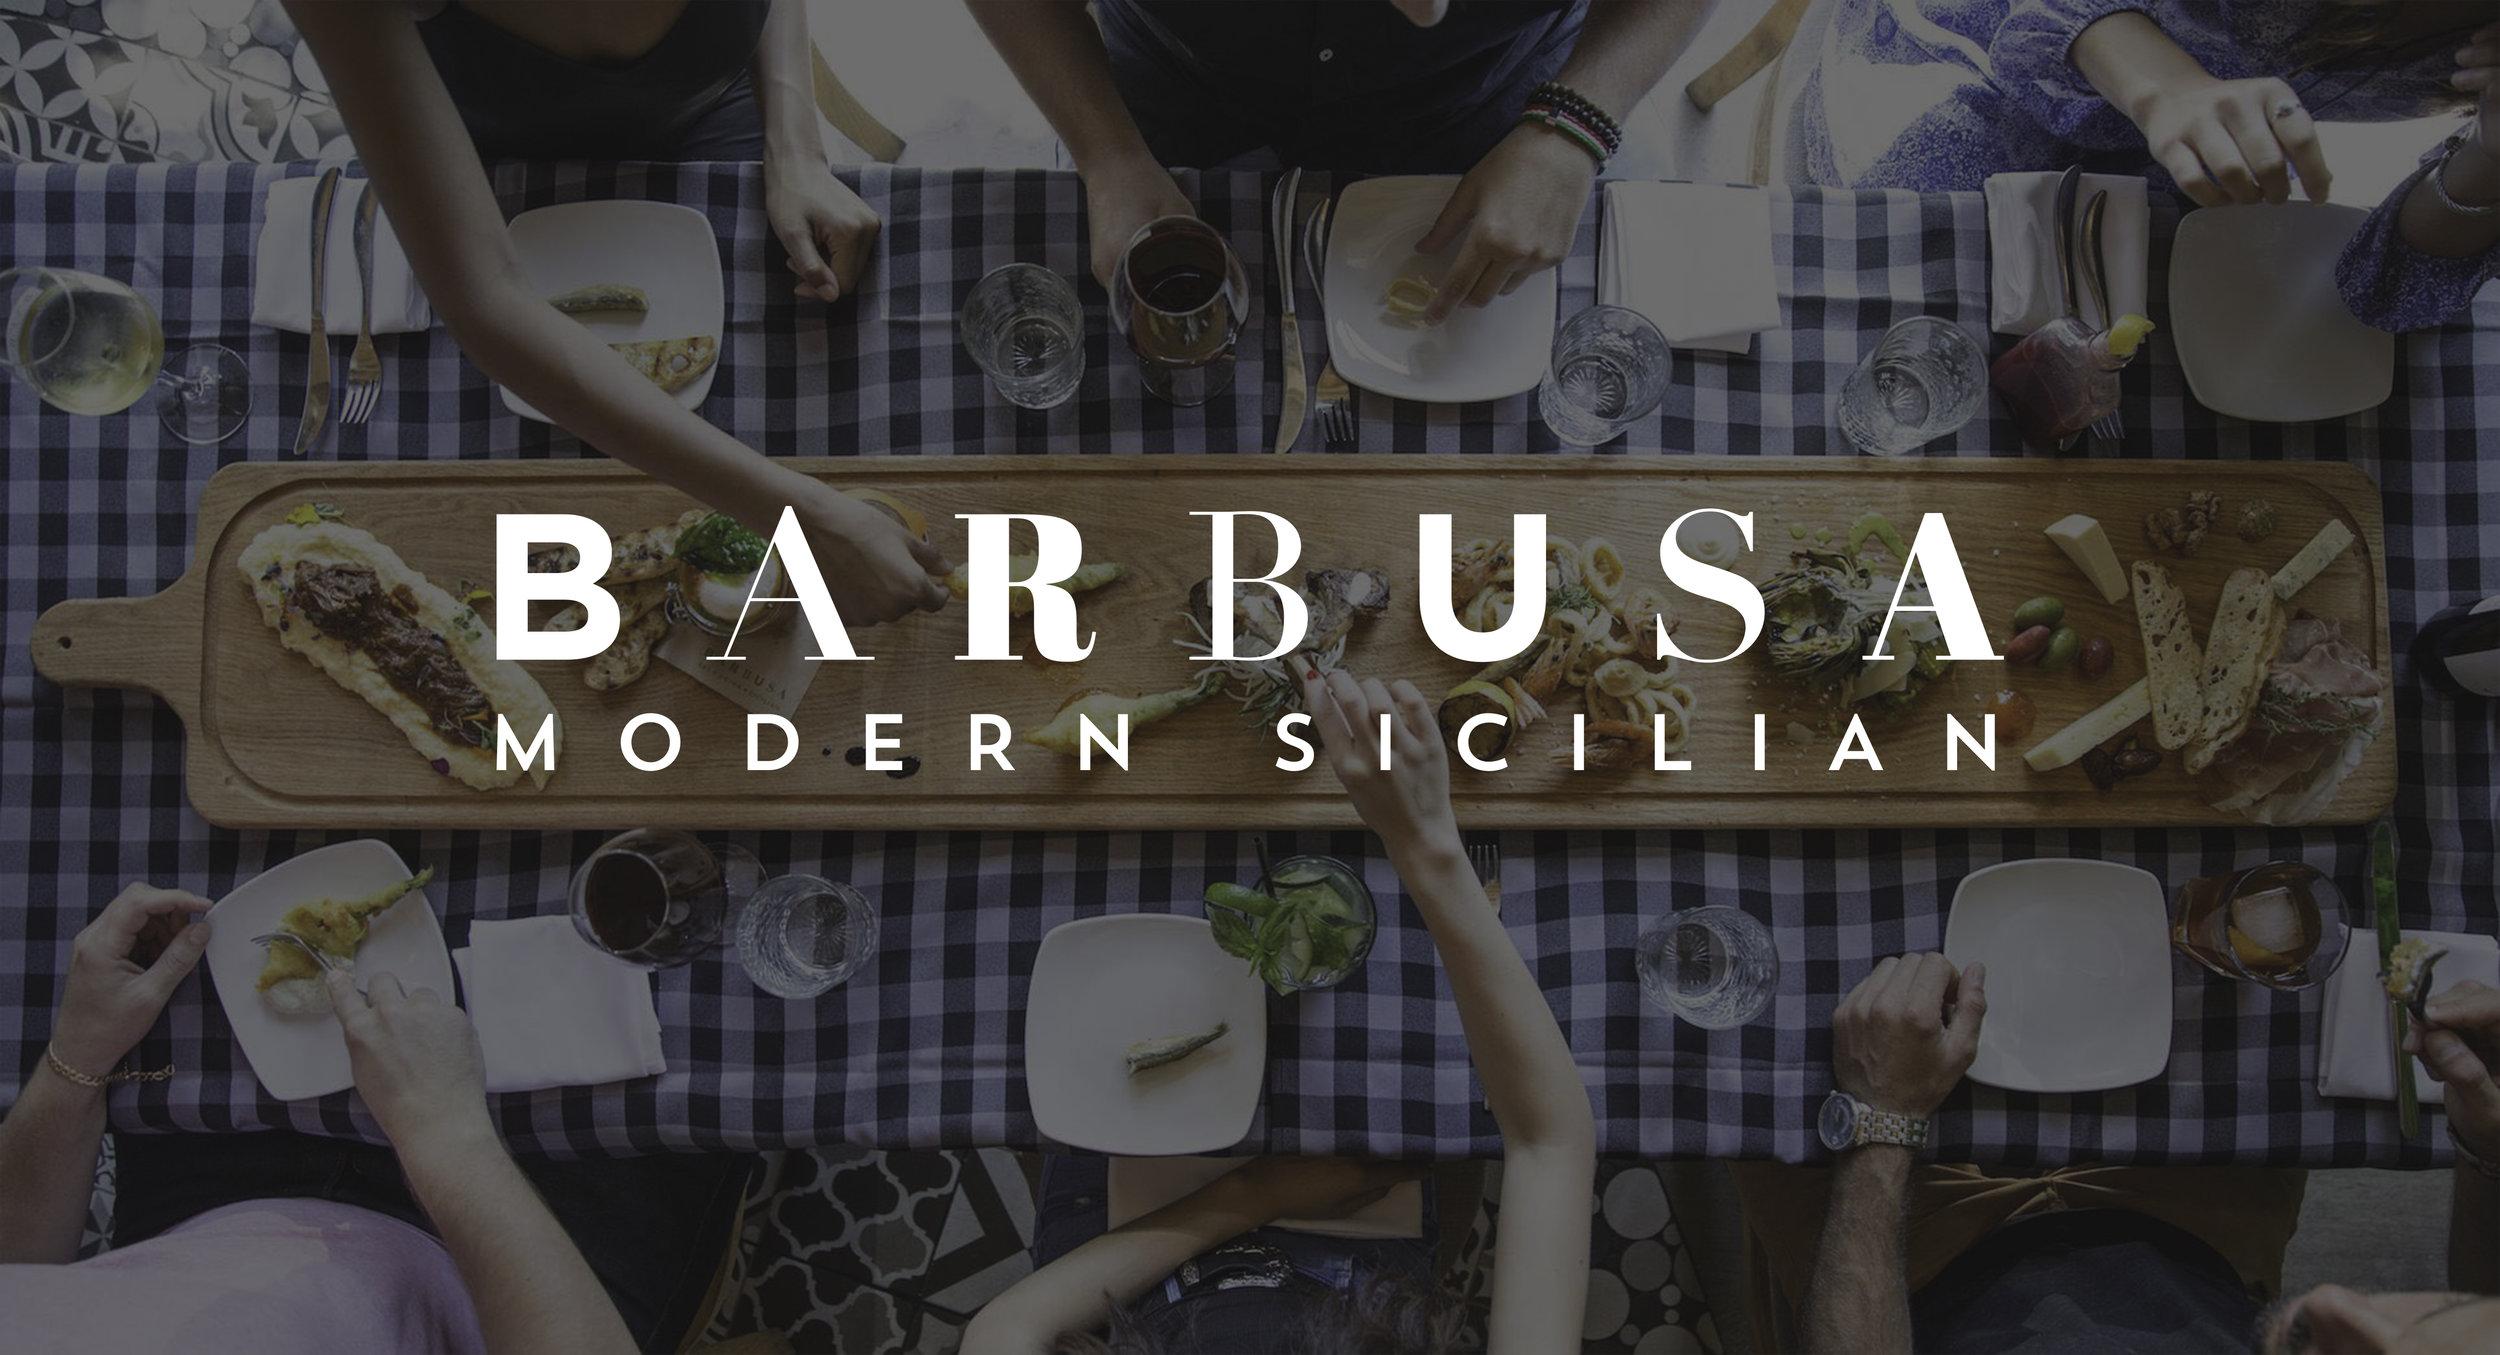 barbusa_cover.jpg